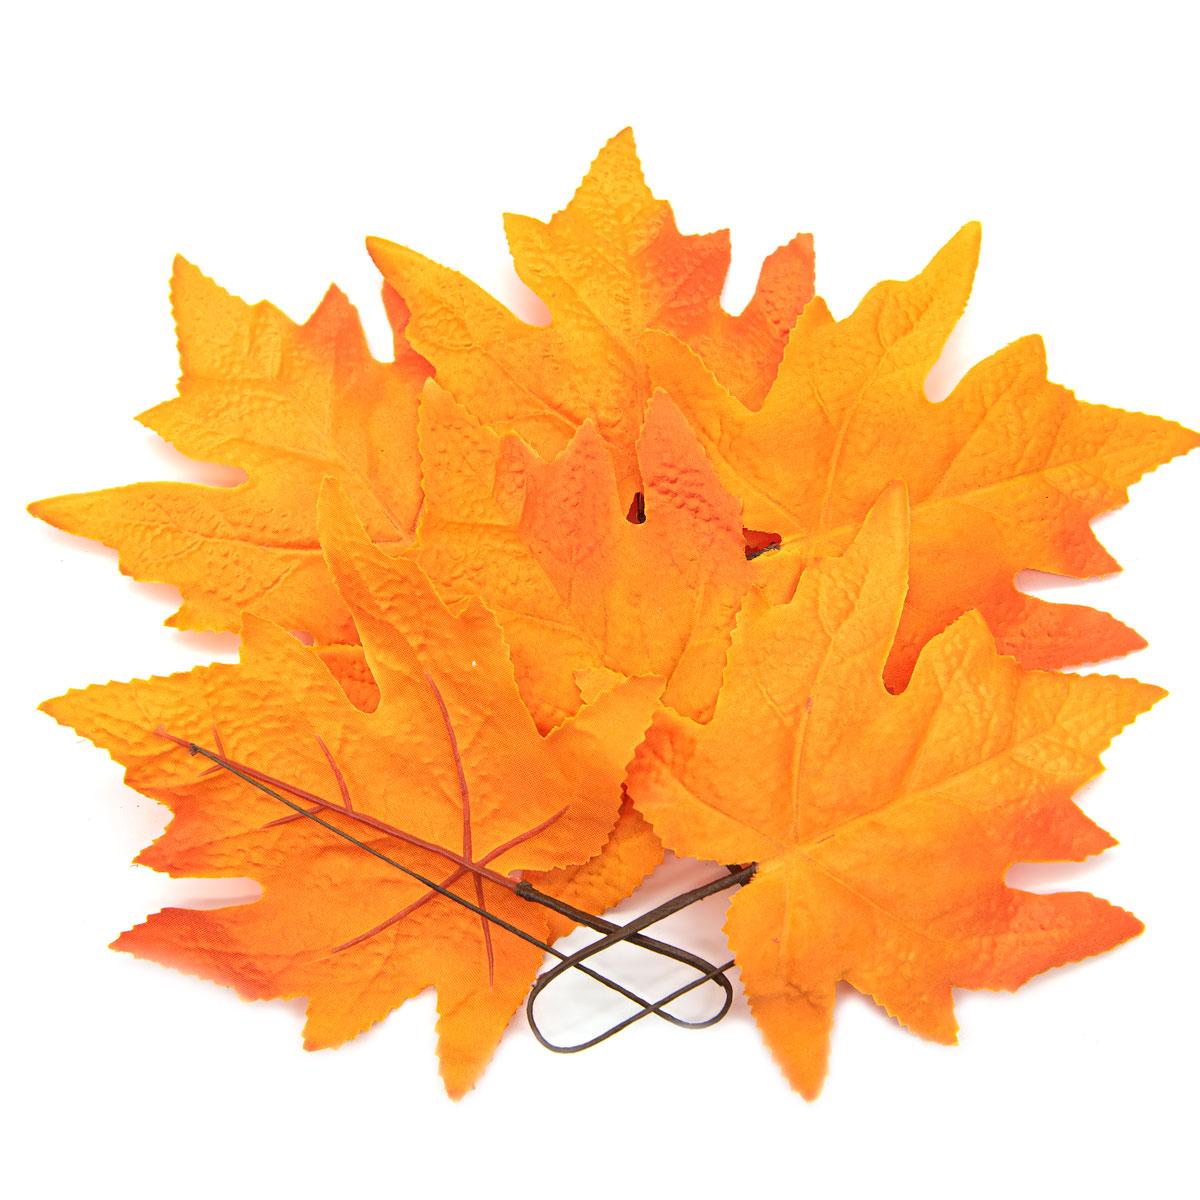 XY19 1140 Кленовые листья, 6шт (2 Оранжево